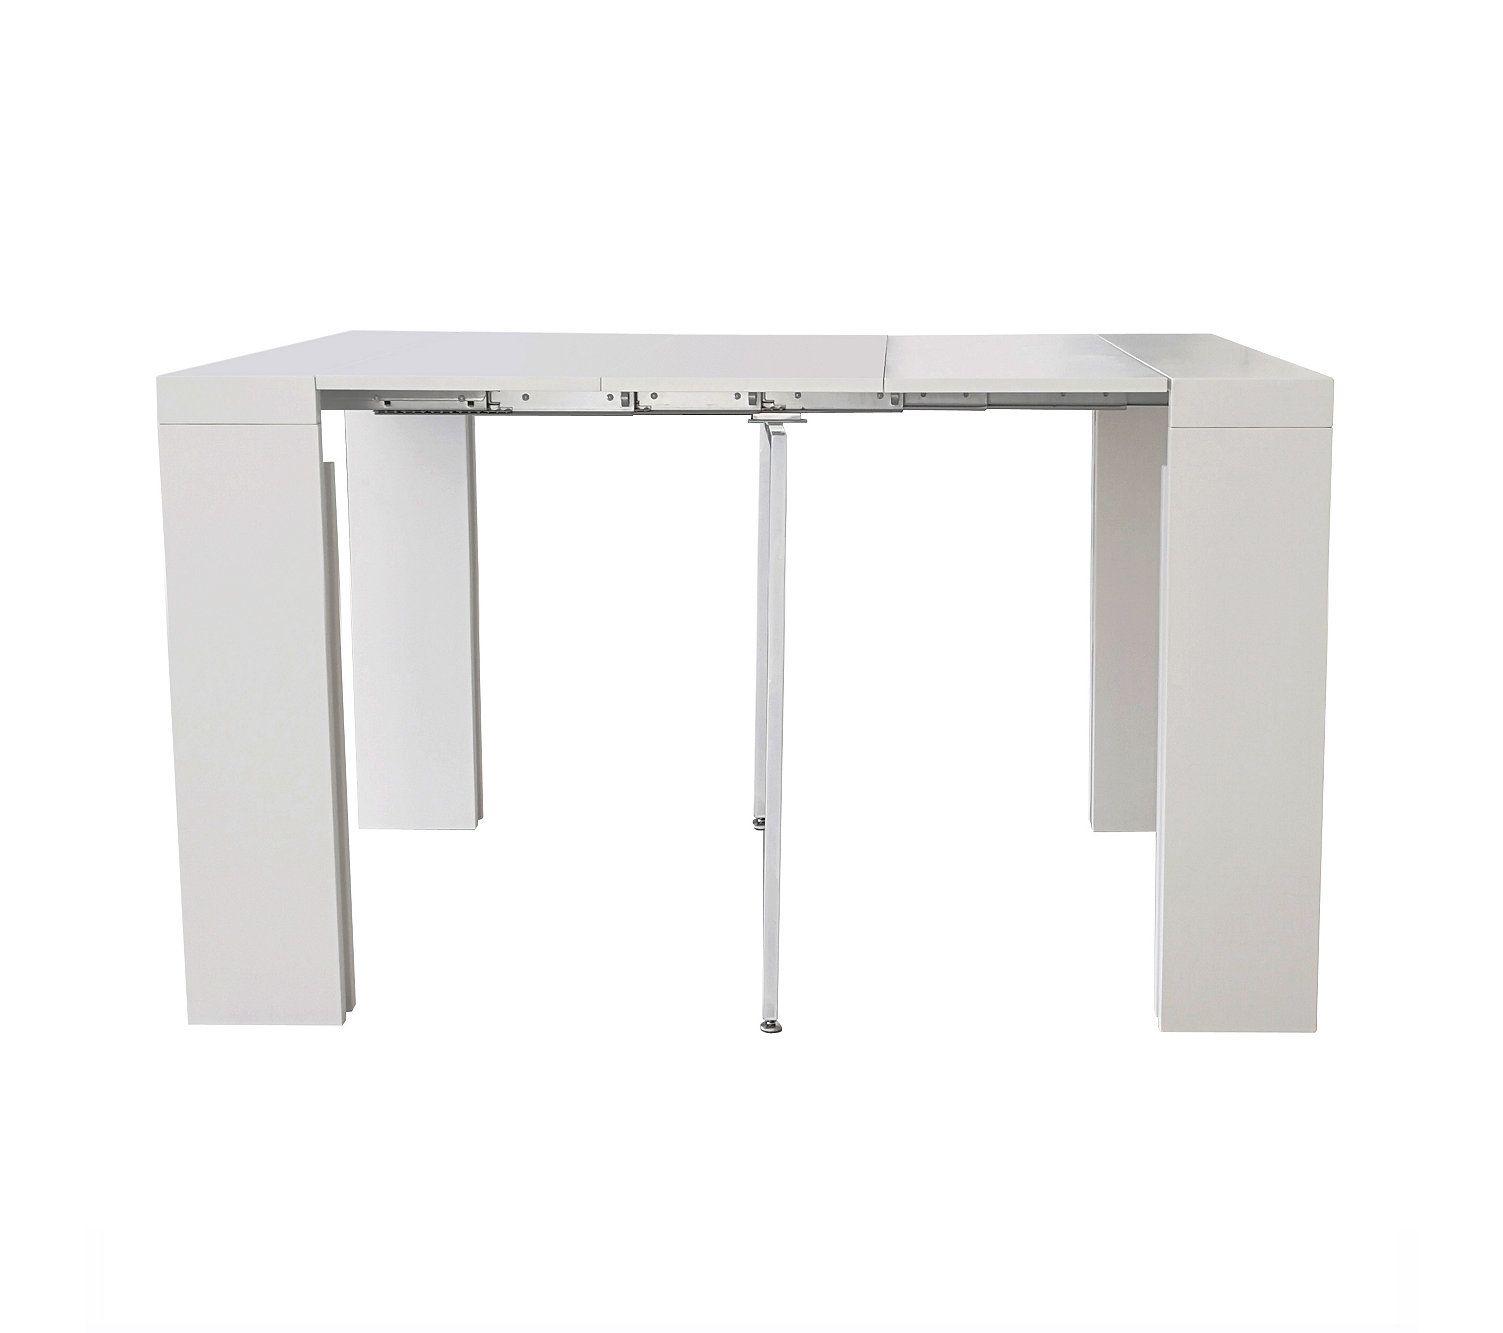 Achat Meubles Canape Lit Matelas Table Salon Et Bureau Achat Electromenager Tv Et Hi Fi Le Design Pas Cher Achat Meuble Console Hauteur Bar